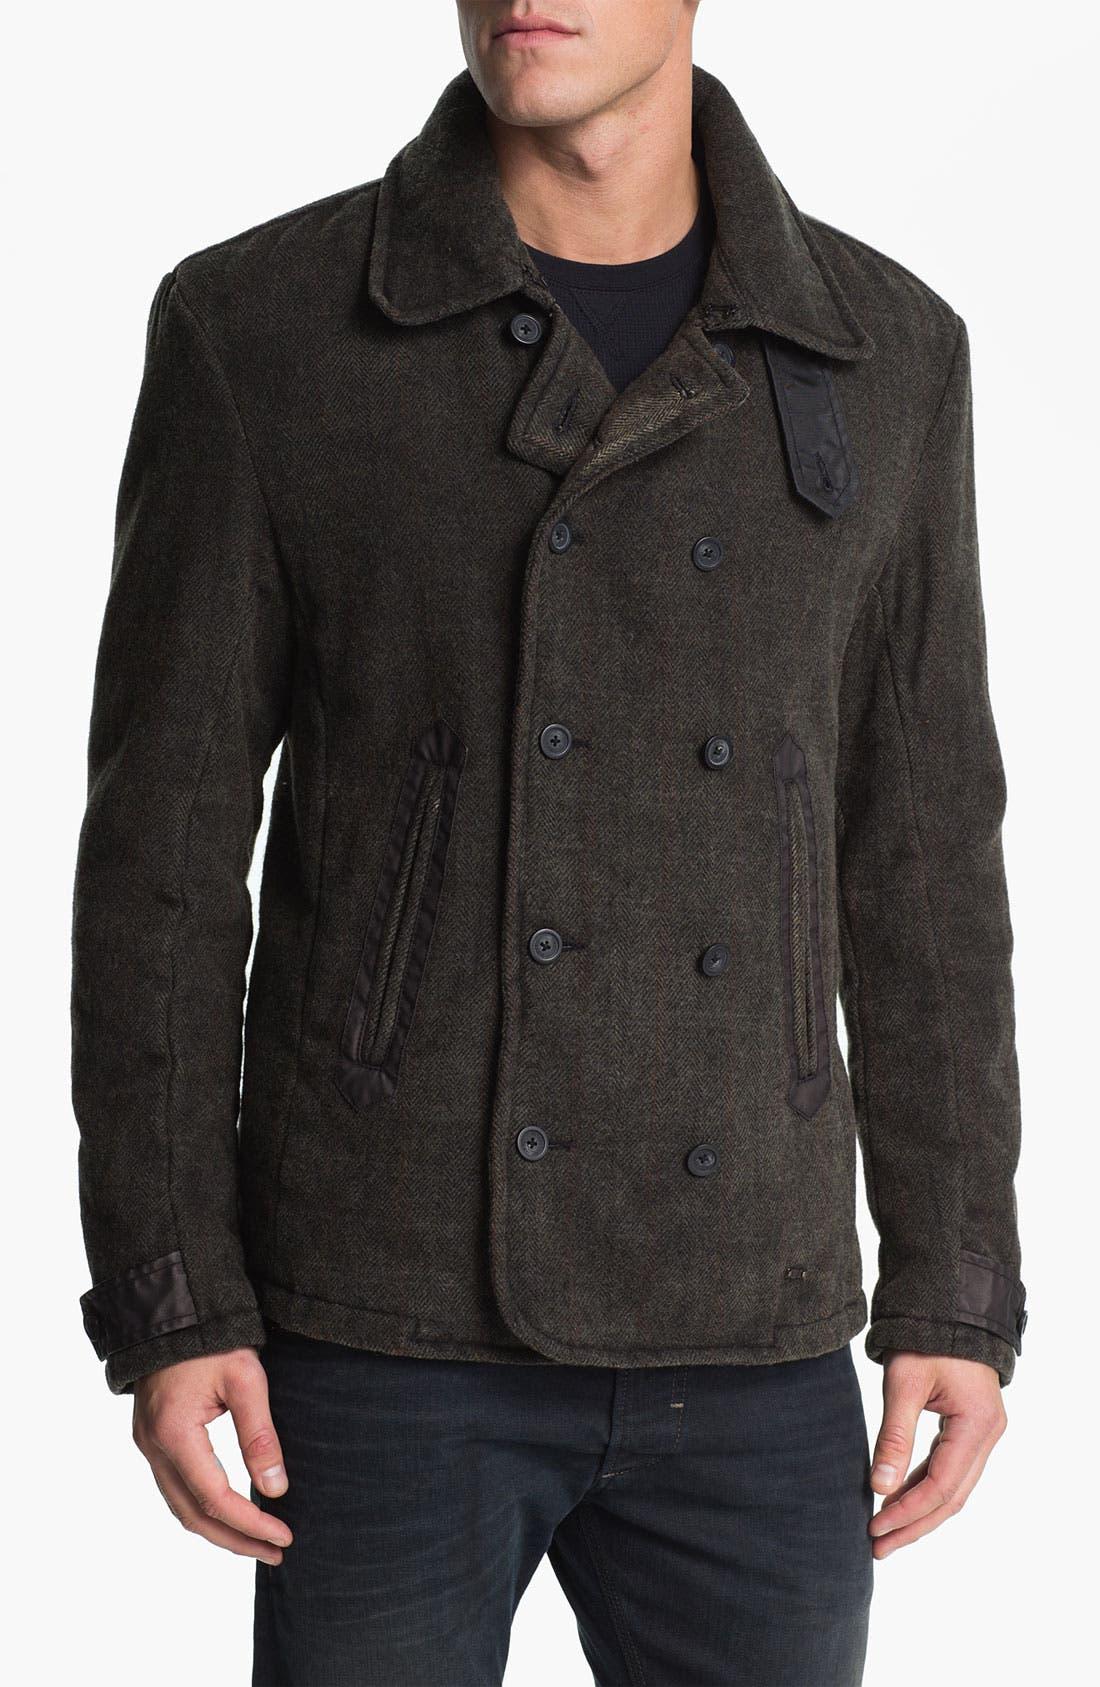 Alternate Image 1 Selected - DIESEL® 'Warner' Herringbone Jacket